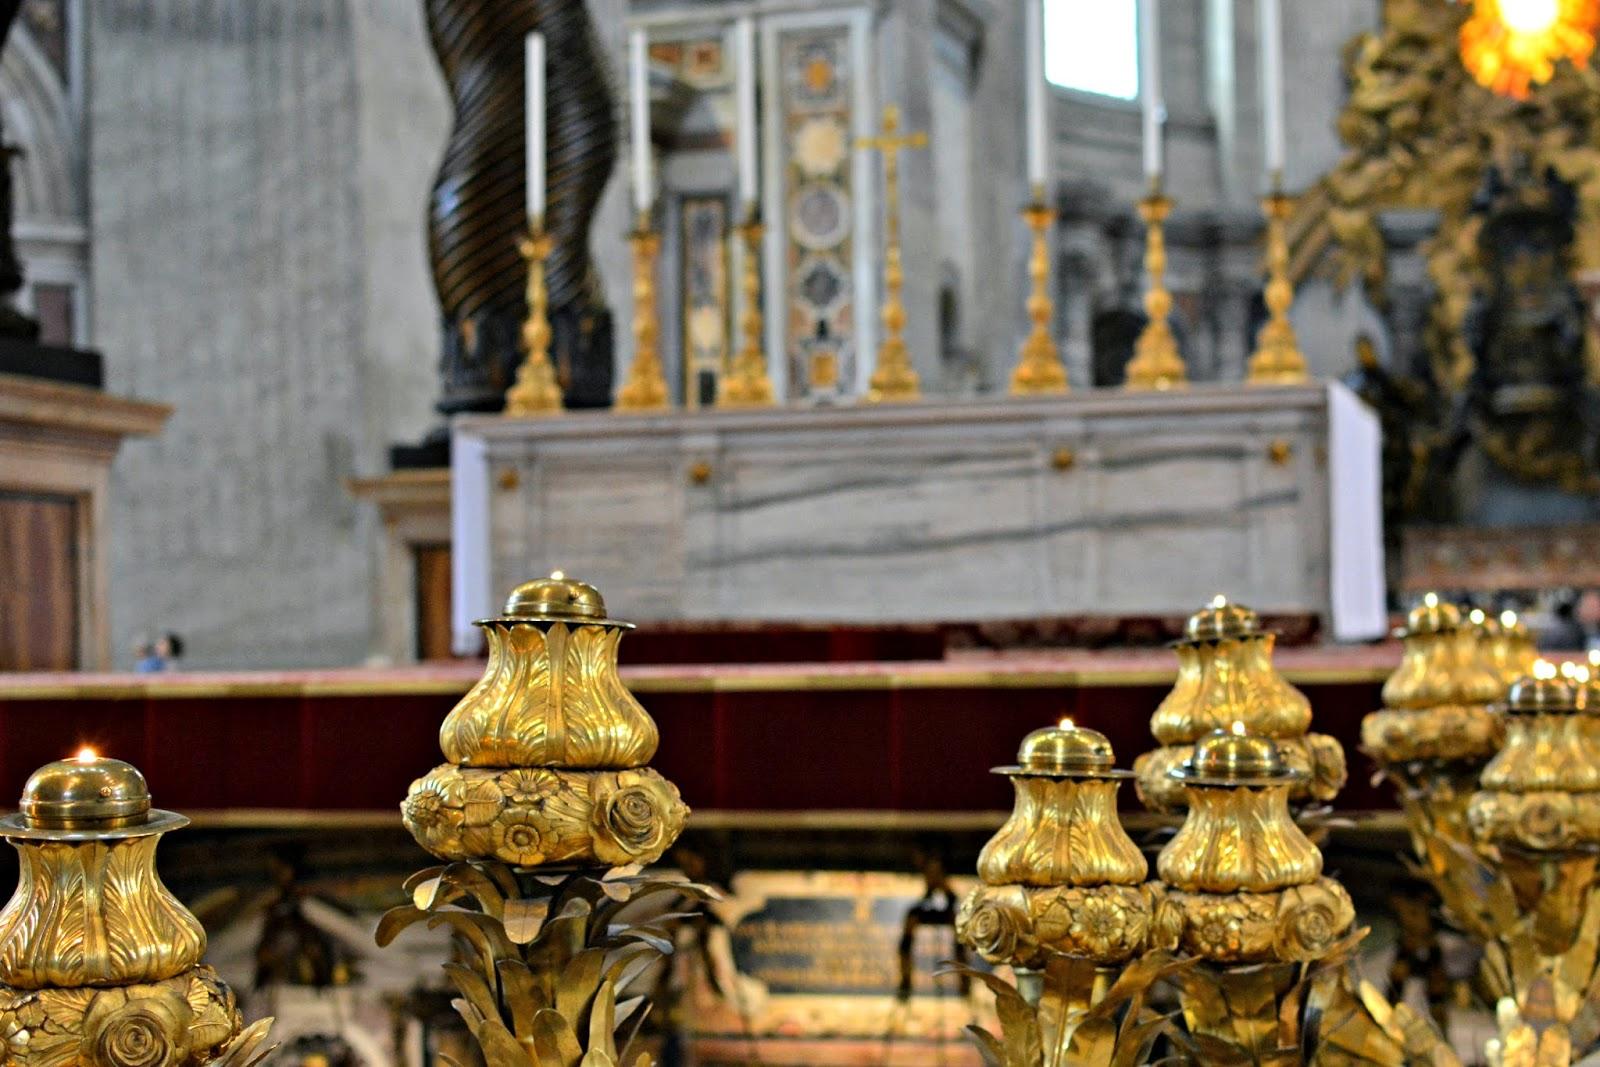 st peter's bones at st peter's basilica vatican city